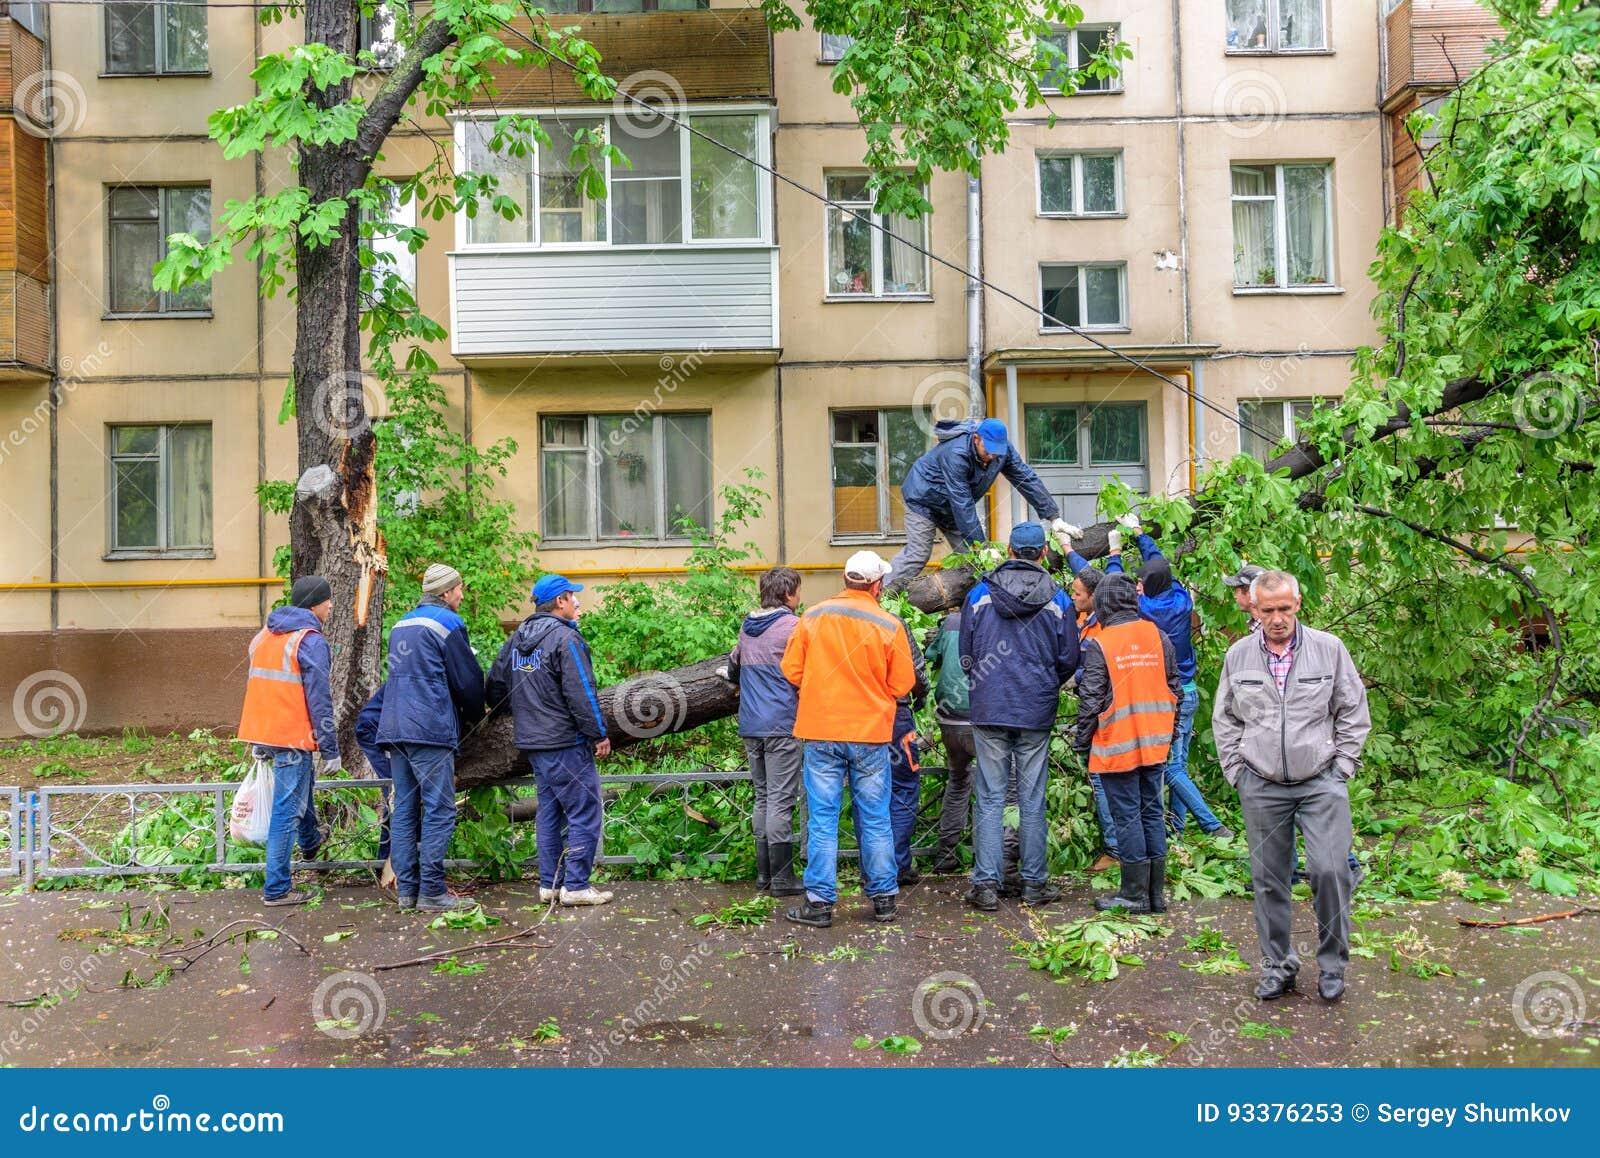 锯下落的硕大栗树的小组管理员由于严厉飓风在莫斯科住宅区